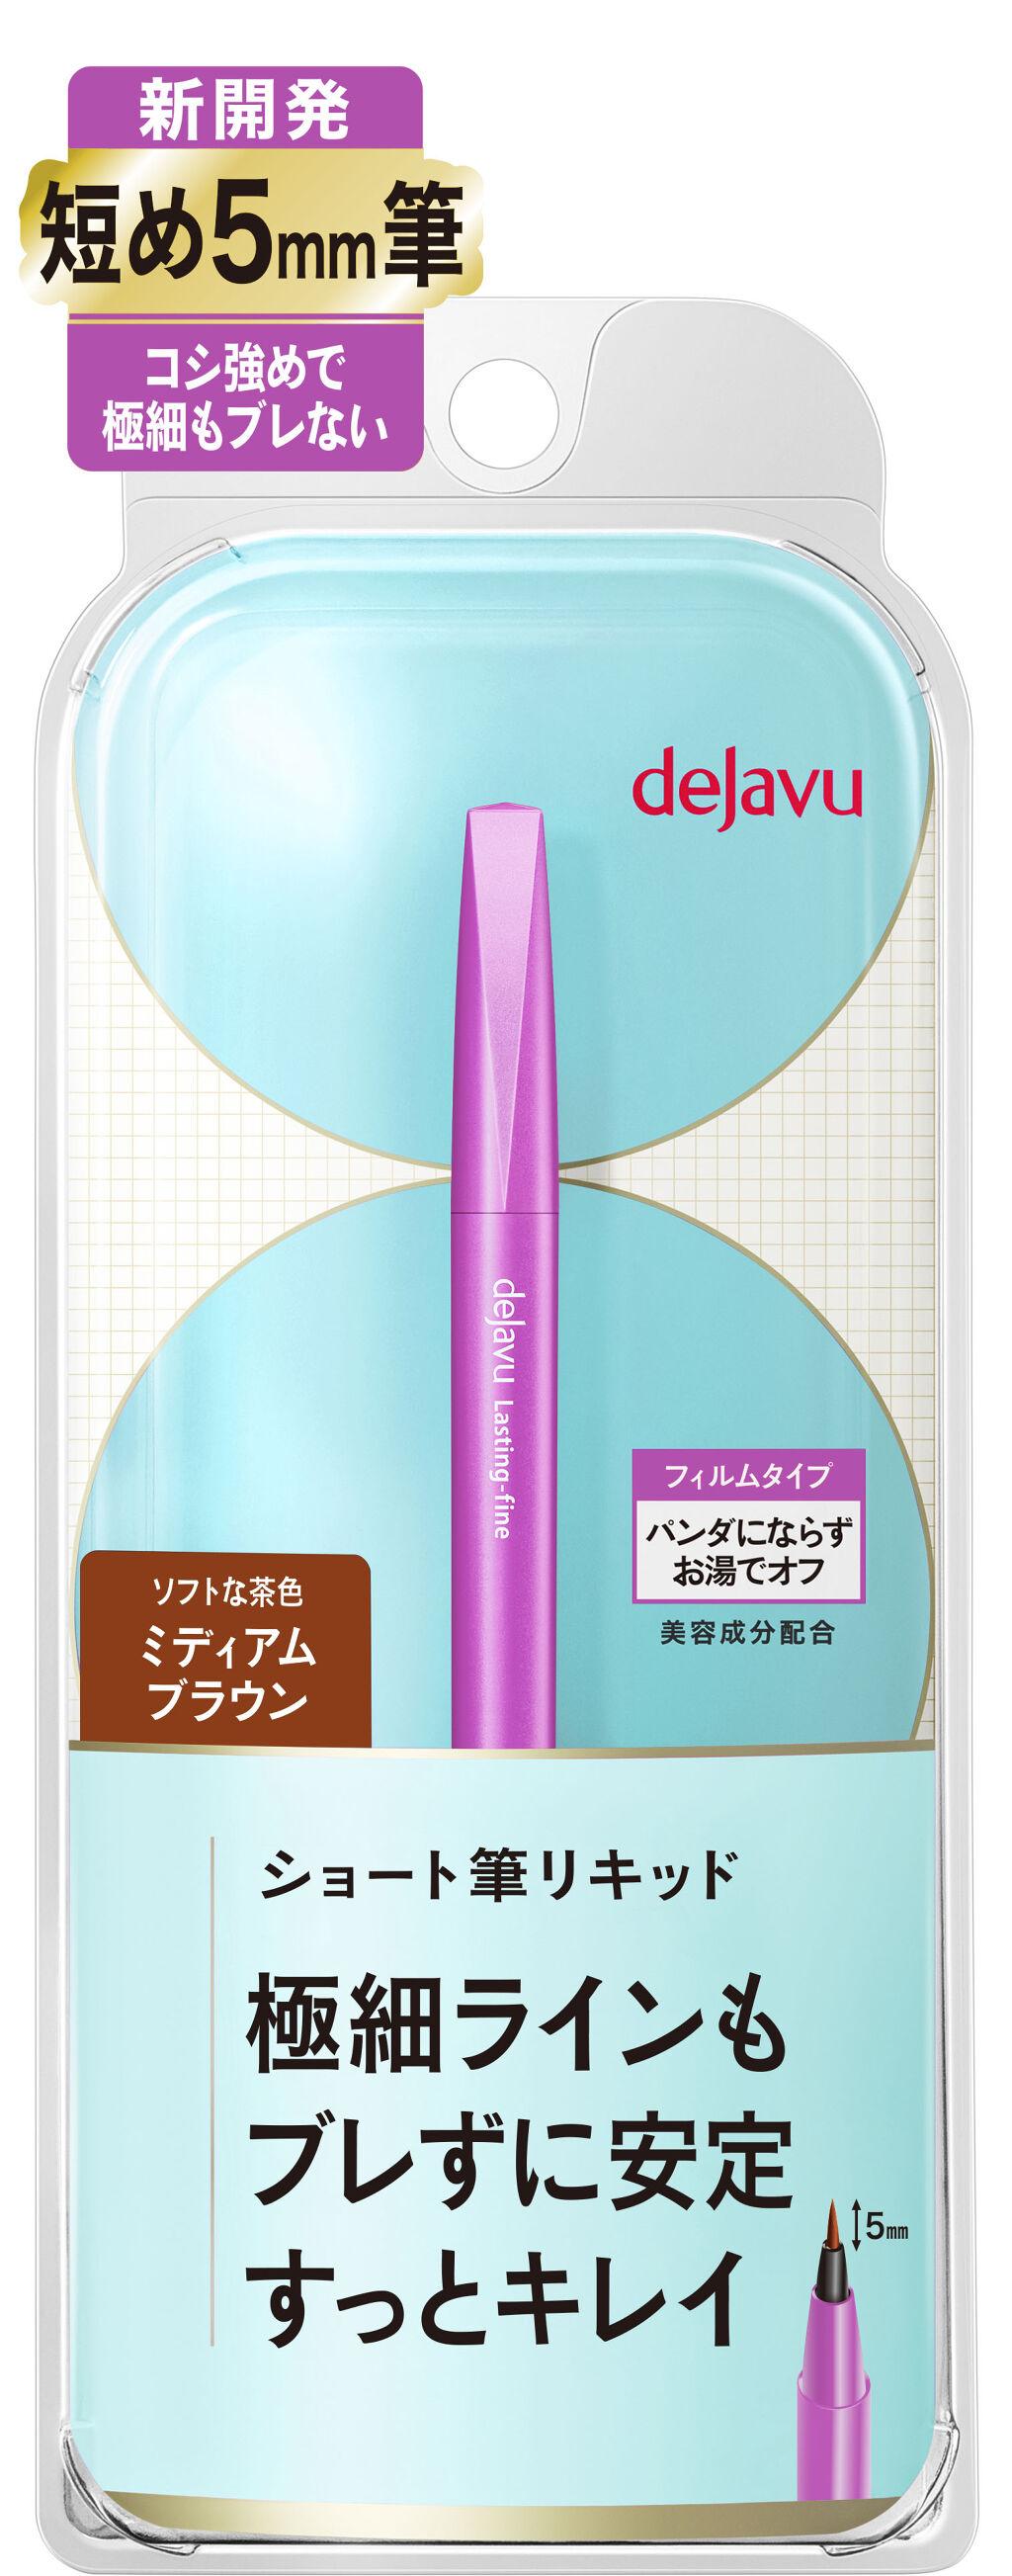 デジャヴュから「密着アイライナー」ショート筆リキッドが新発売!どこまでも極細&ぶれにくく美しい仕上がりに♪(3枚目)